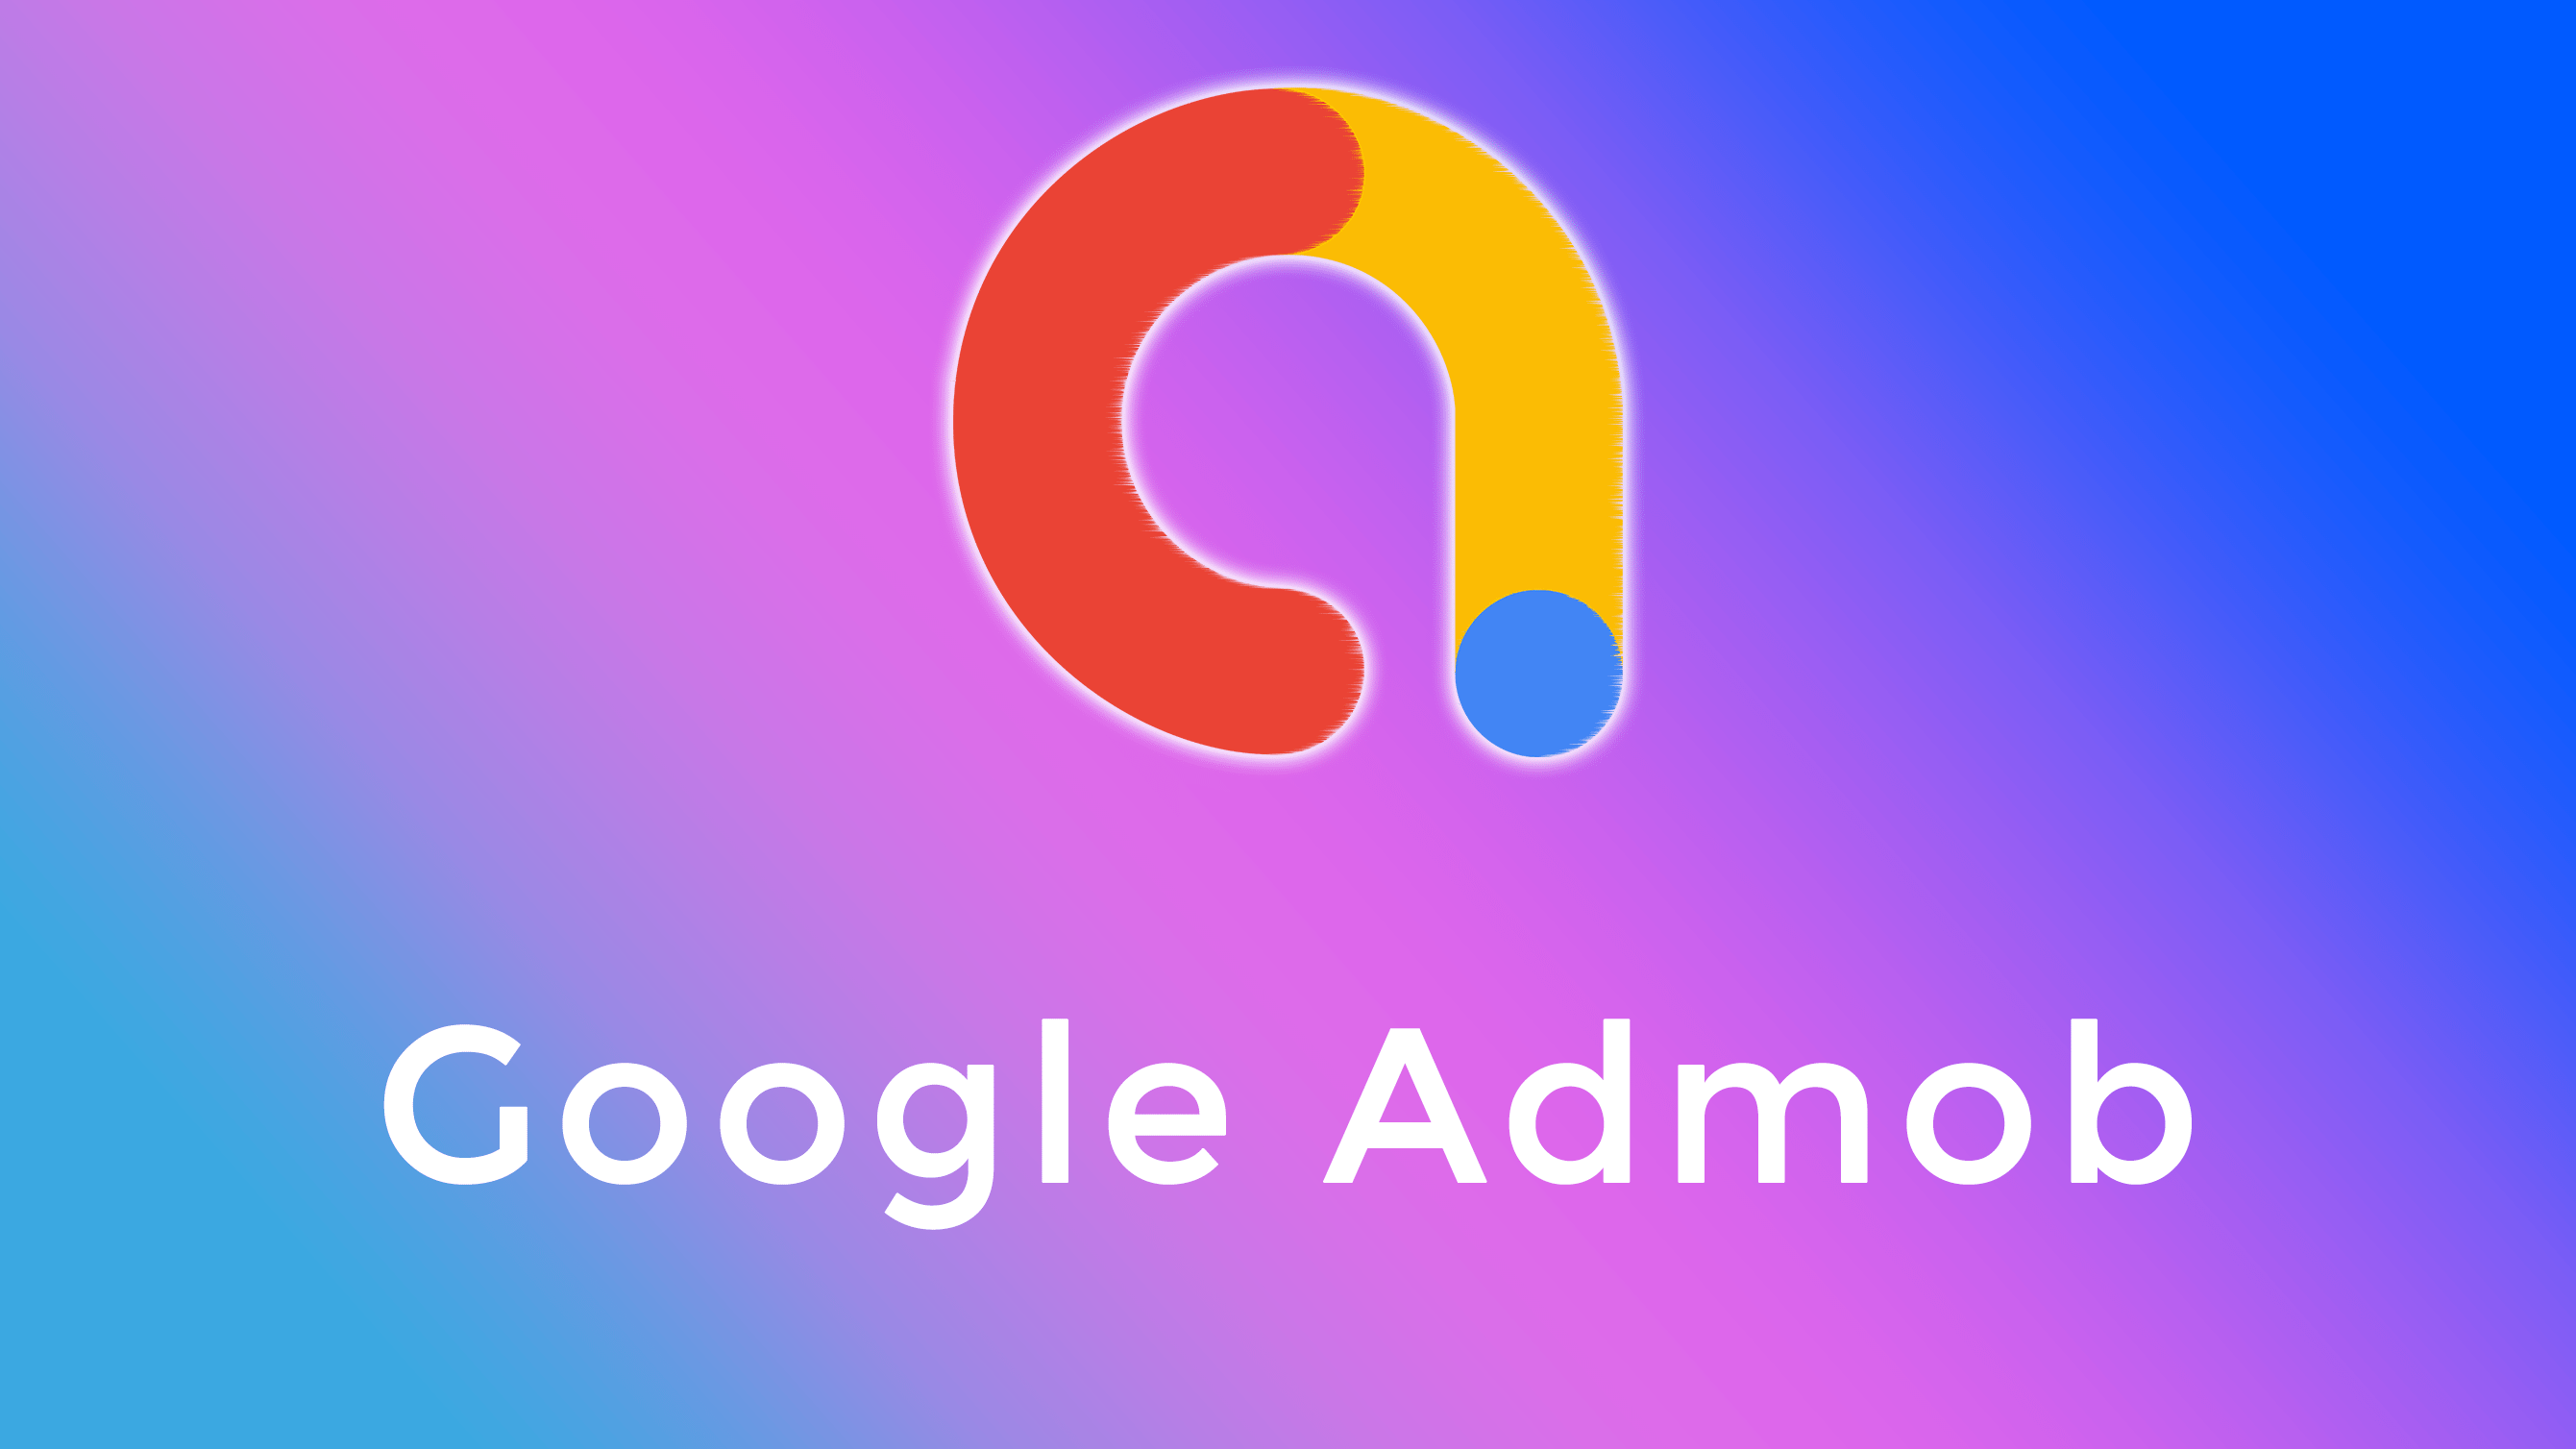 google admob ad units earnings - google admob logo png.